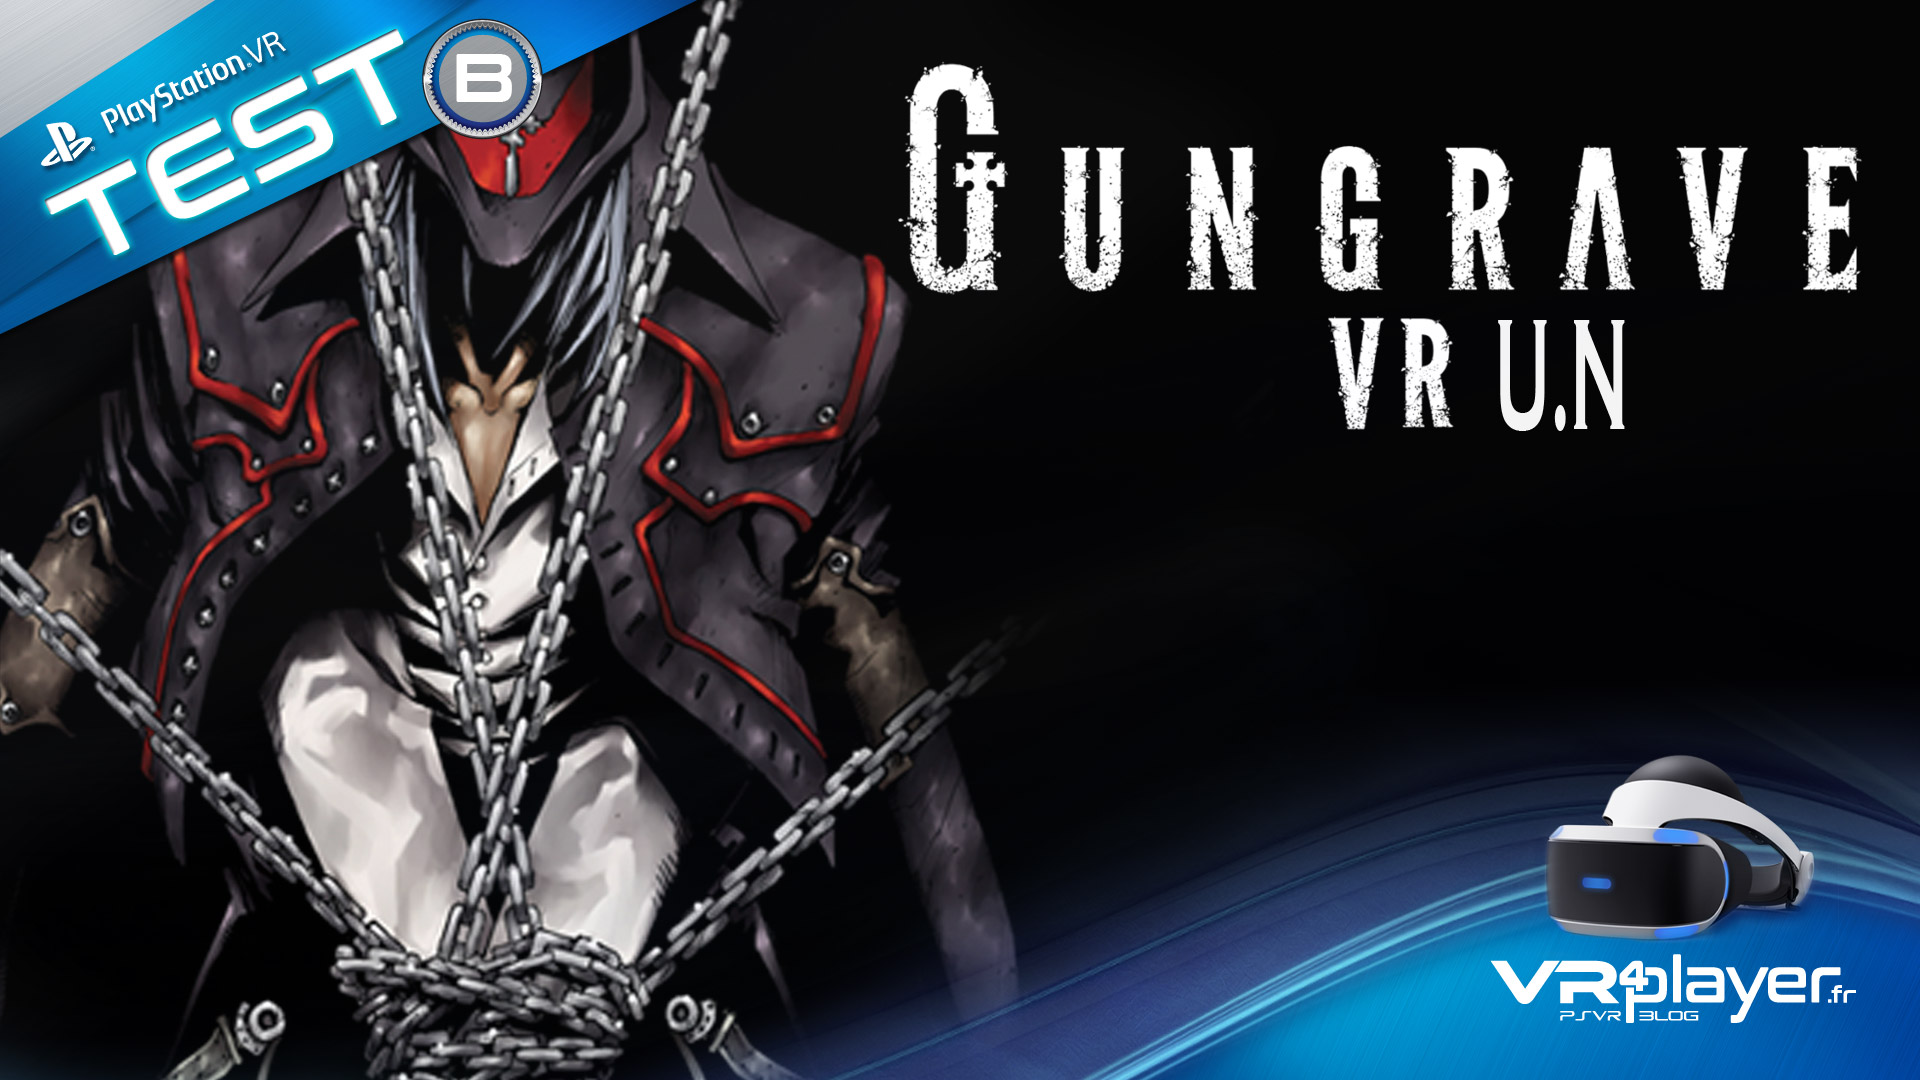 Test de Gungrave VR U.N sur PlayStation VR - vr4player.fr